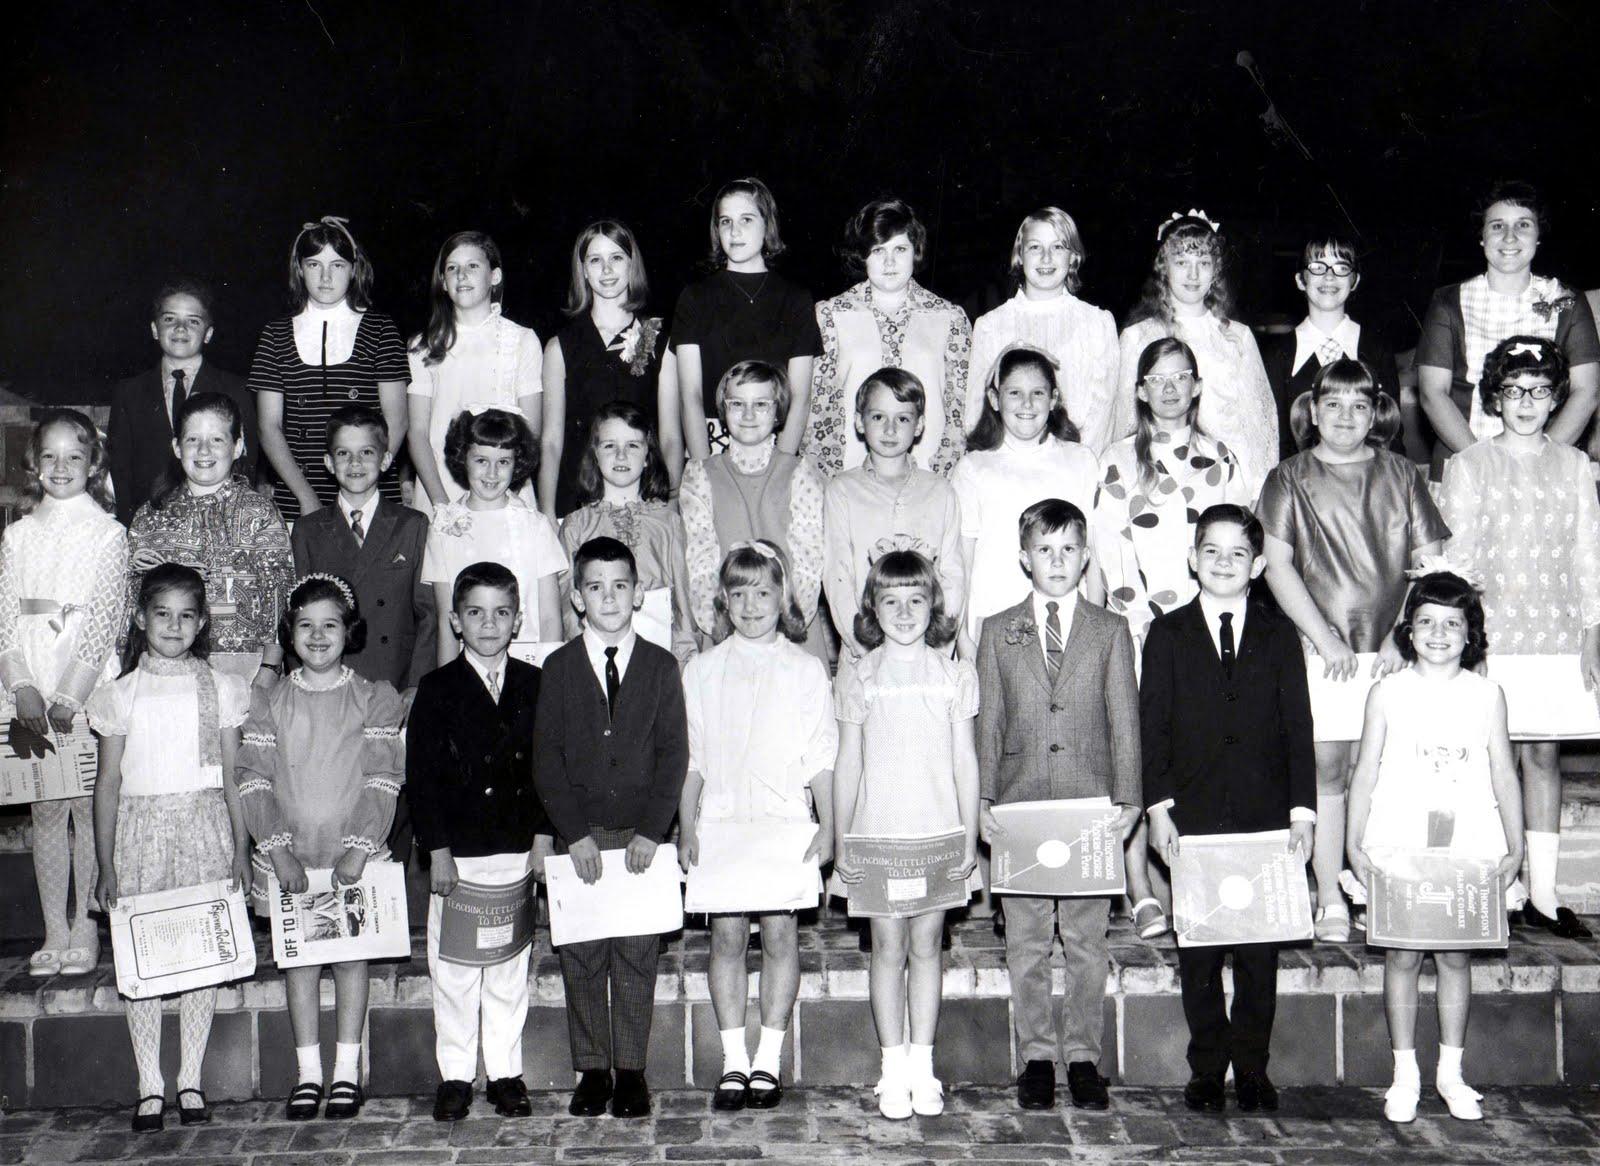 http://2.bp.blogspot.com/-O8OVNCVfzlk/Tm94o2RMowI/AAAAAAAABkI/Y2LHXM0esaI/s1600/Kerrville+Students+1970s.jpg